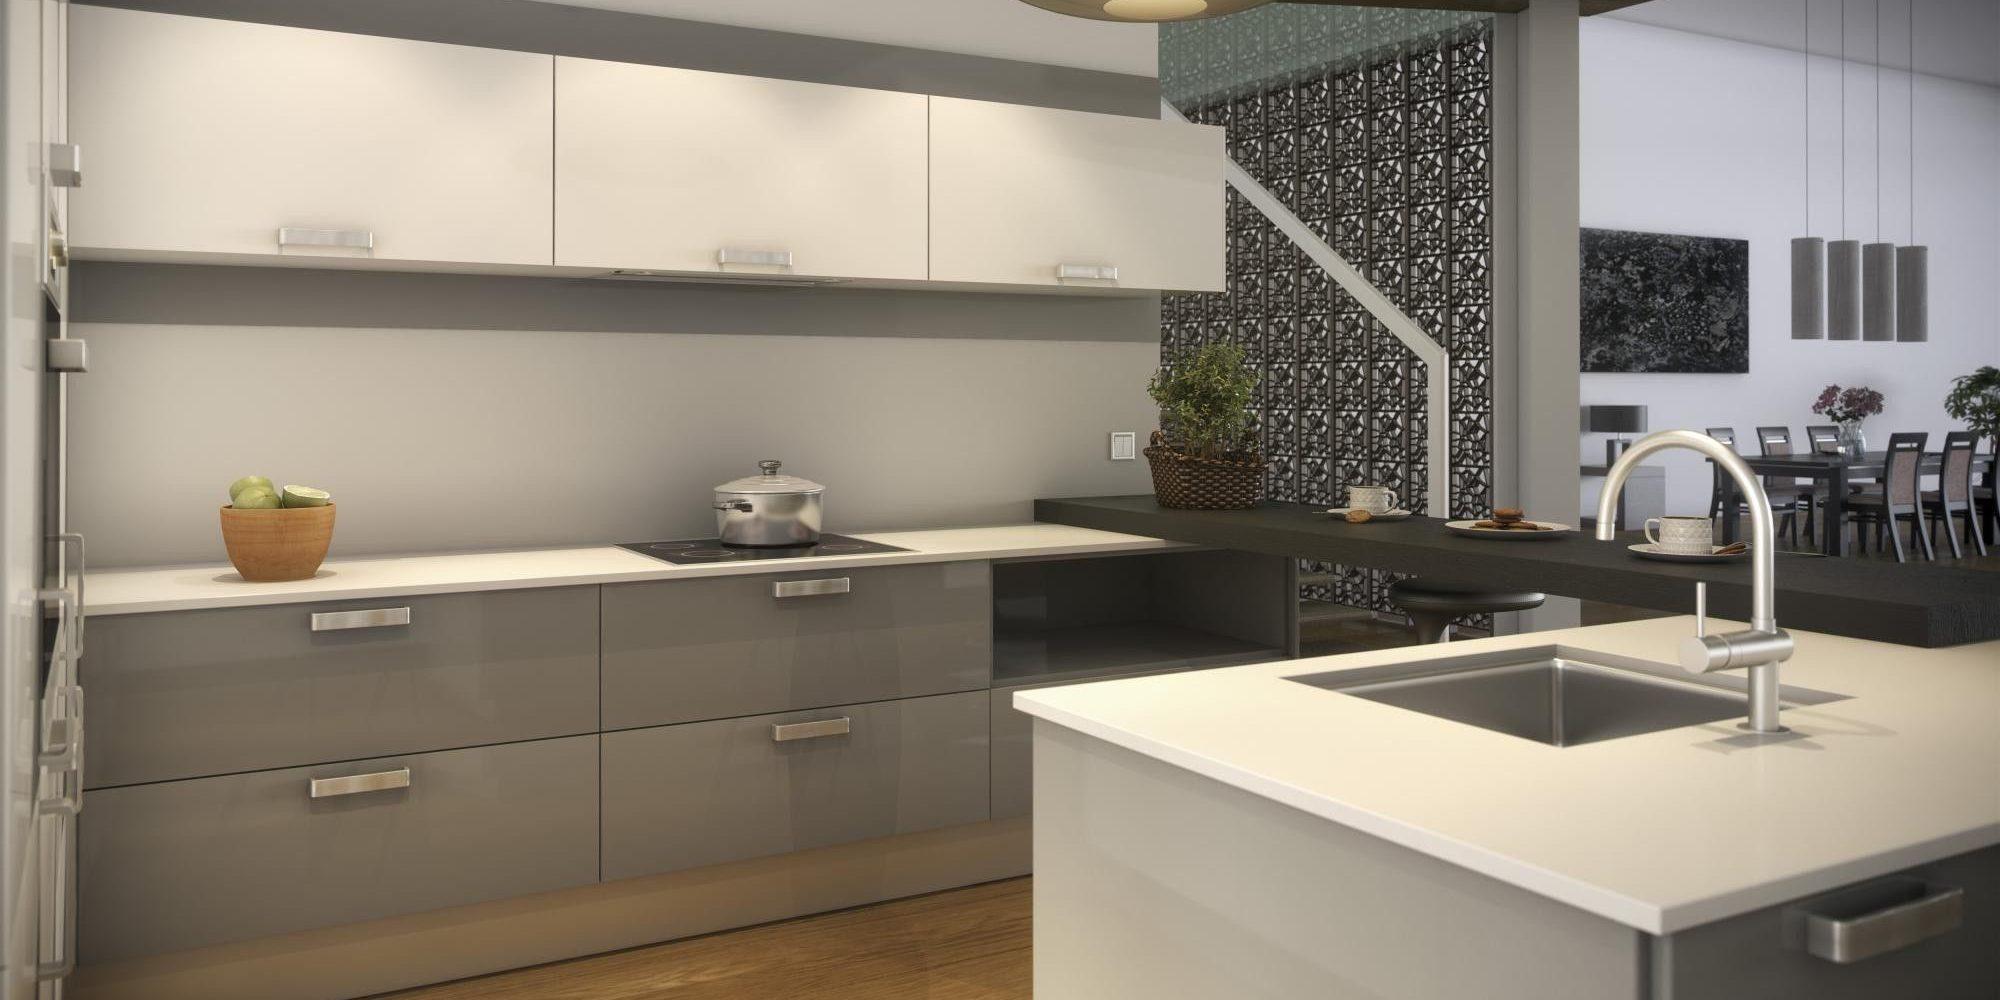 Como Reformar Muebles De Cocina.Consejos Profesionales Que Te Ayudaran A Reformar La Cocina